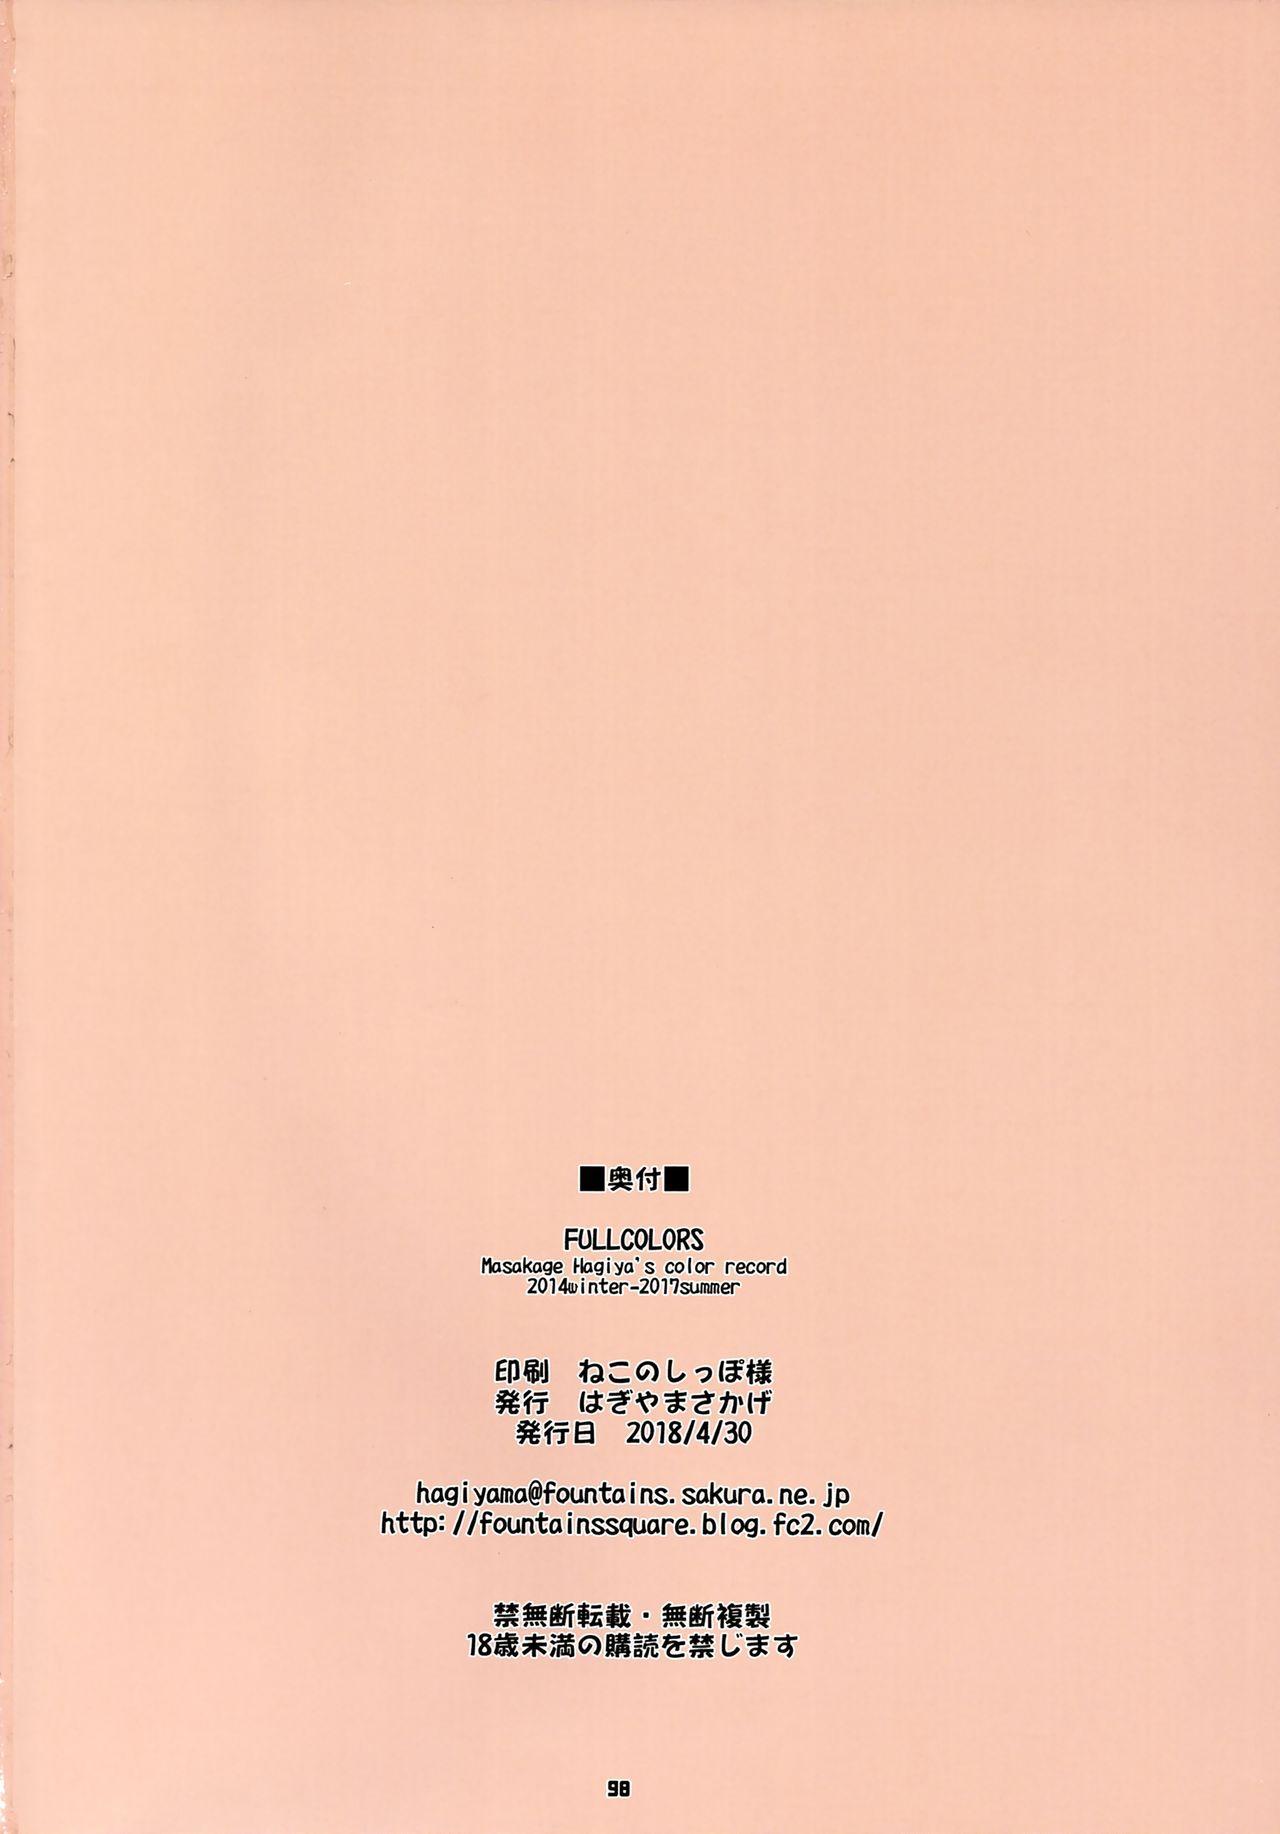 FULLCOLORS 15